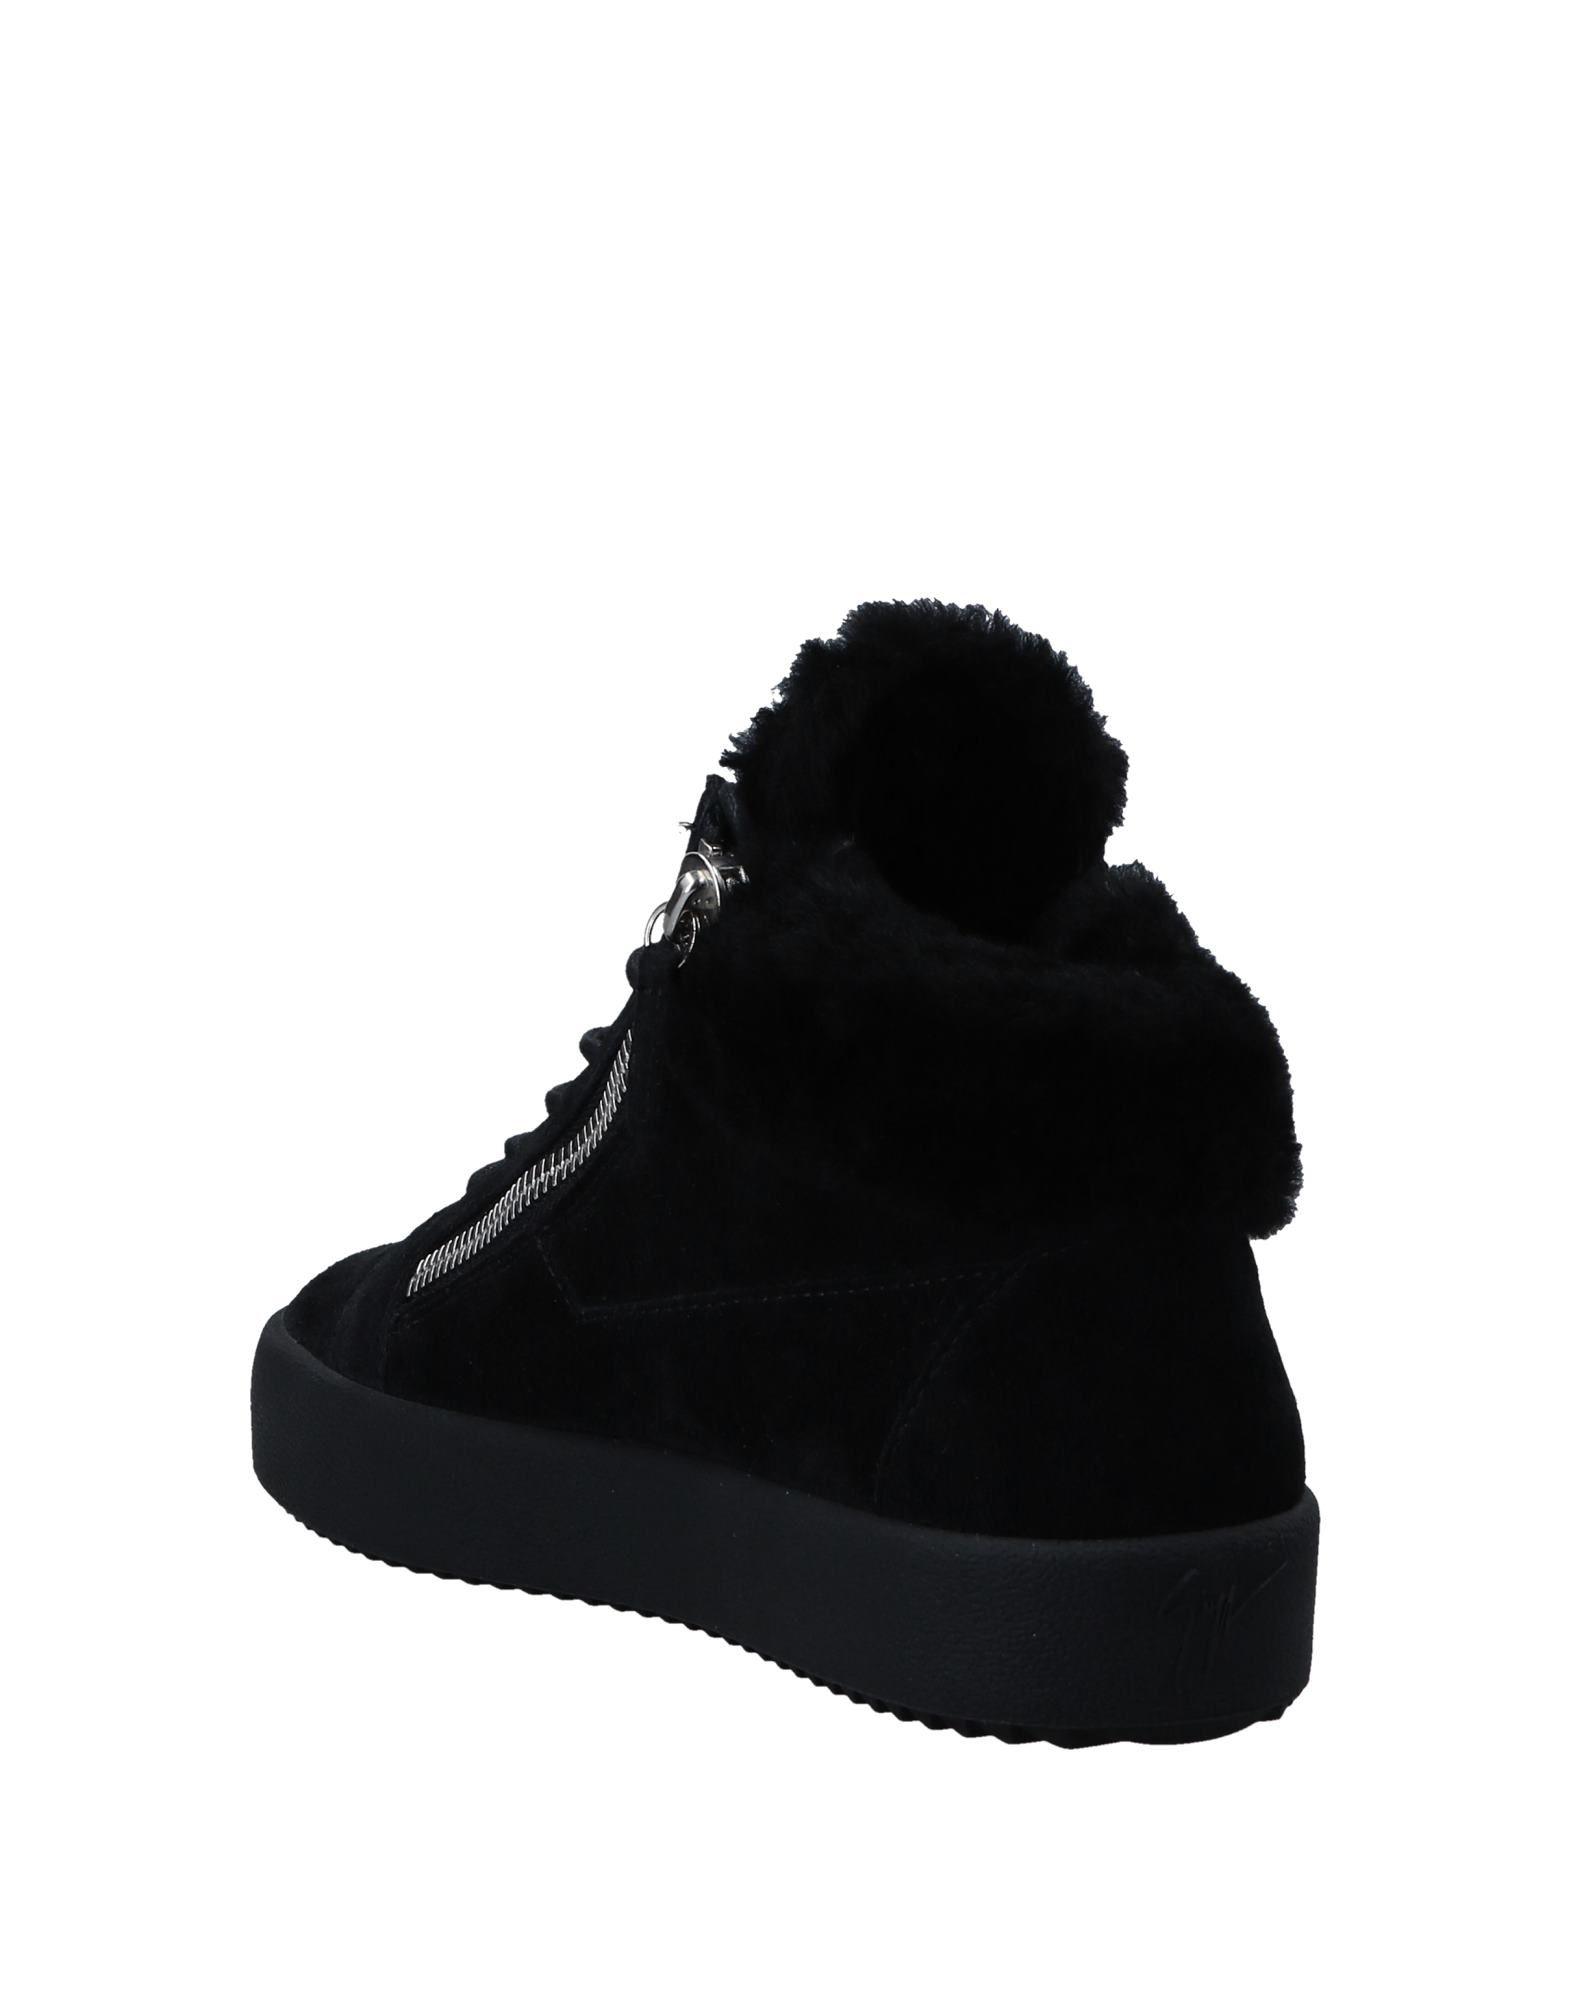 Giuseppe Zanotti Sneakers Herren  Schuhe 11550370WS Gute Qualität beliebte Schuhe  70143e